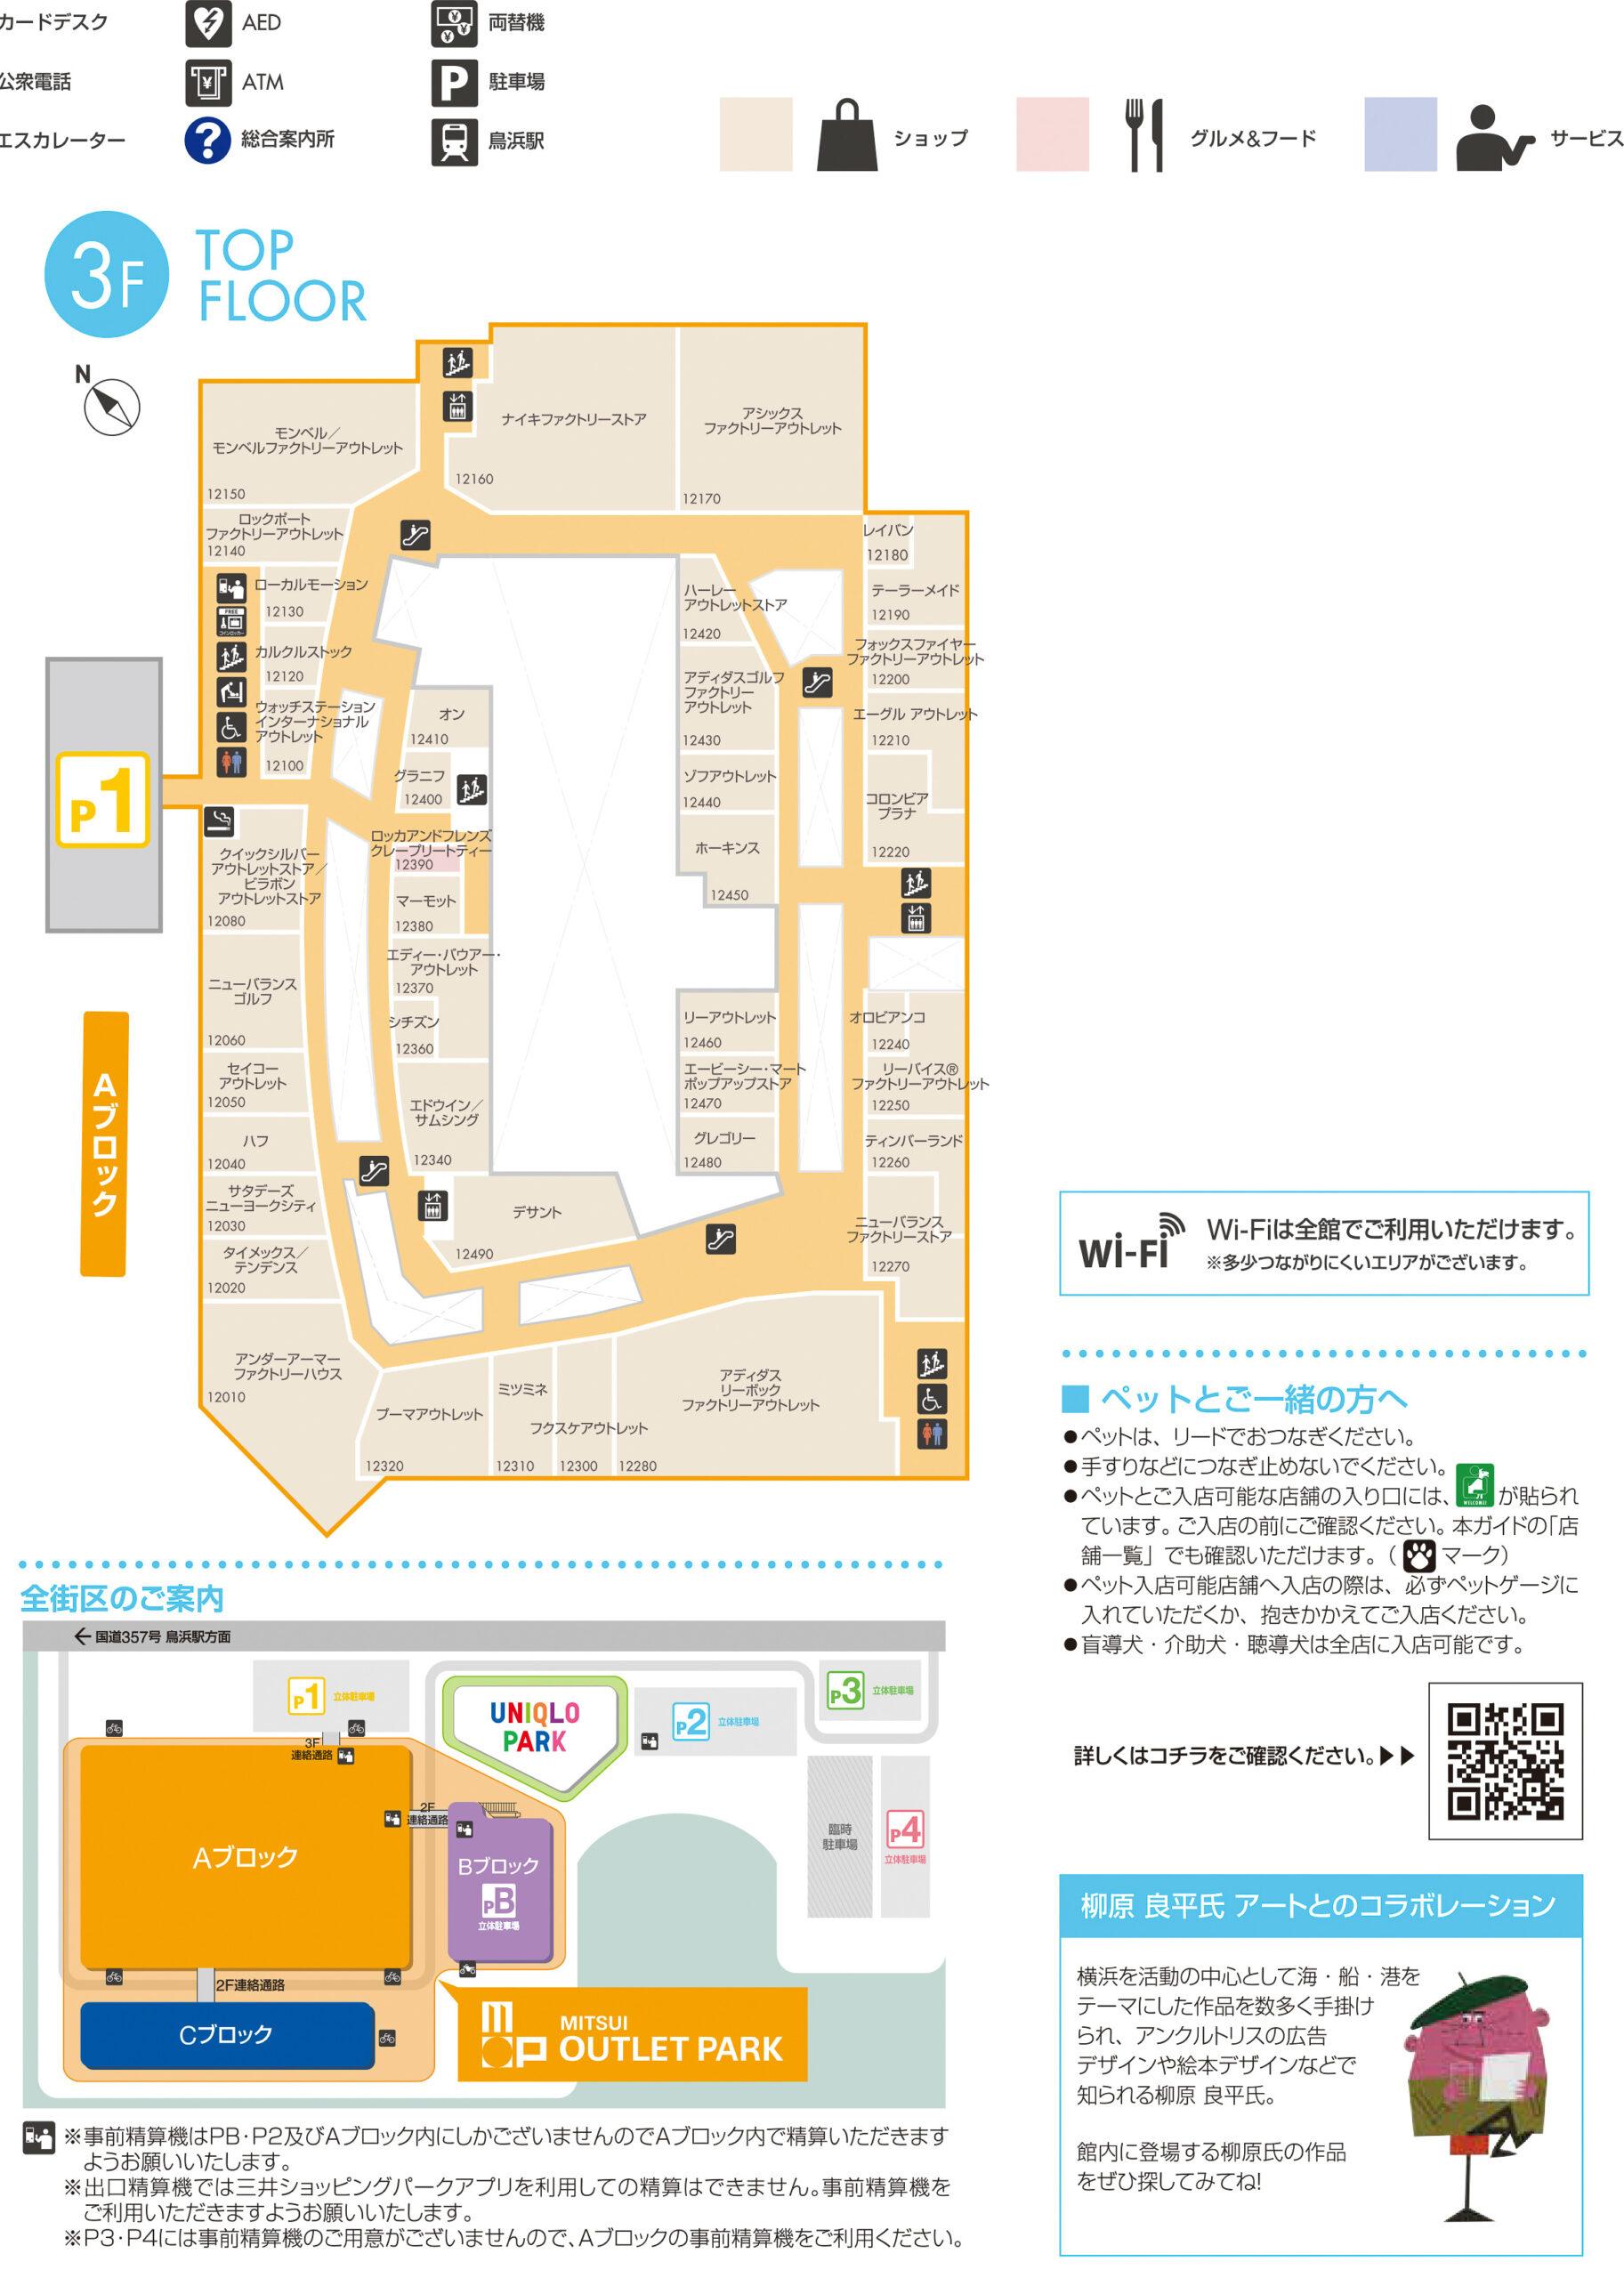 横浜ベイサイド 3F TOP FLOOR